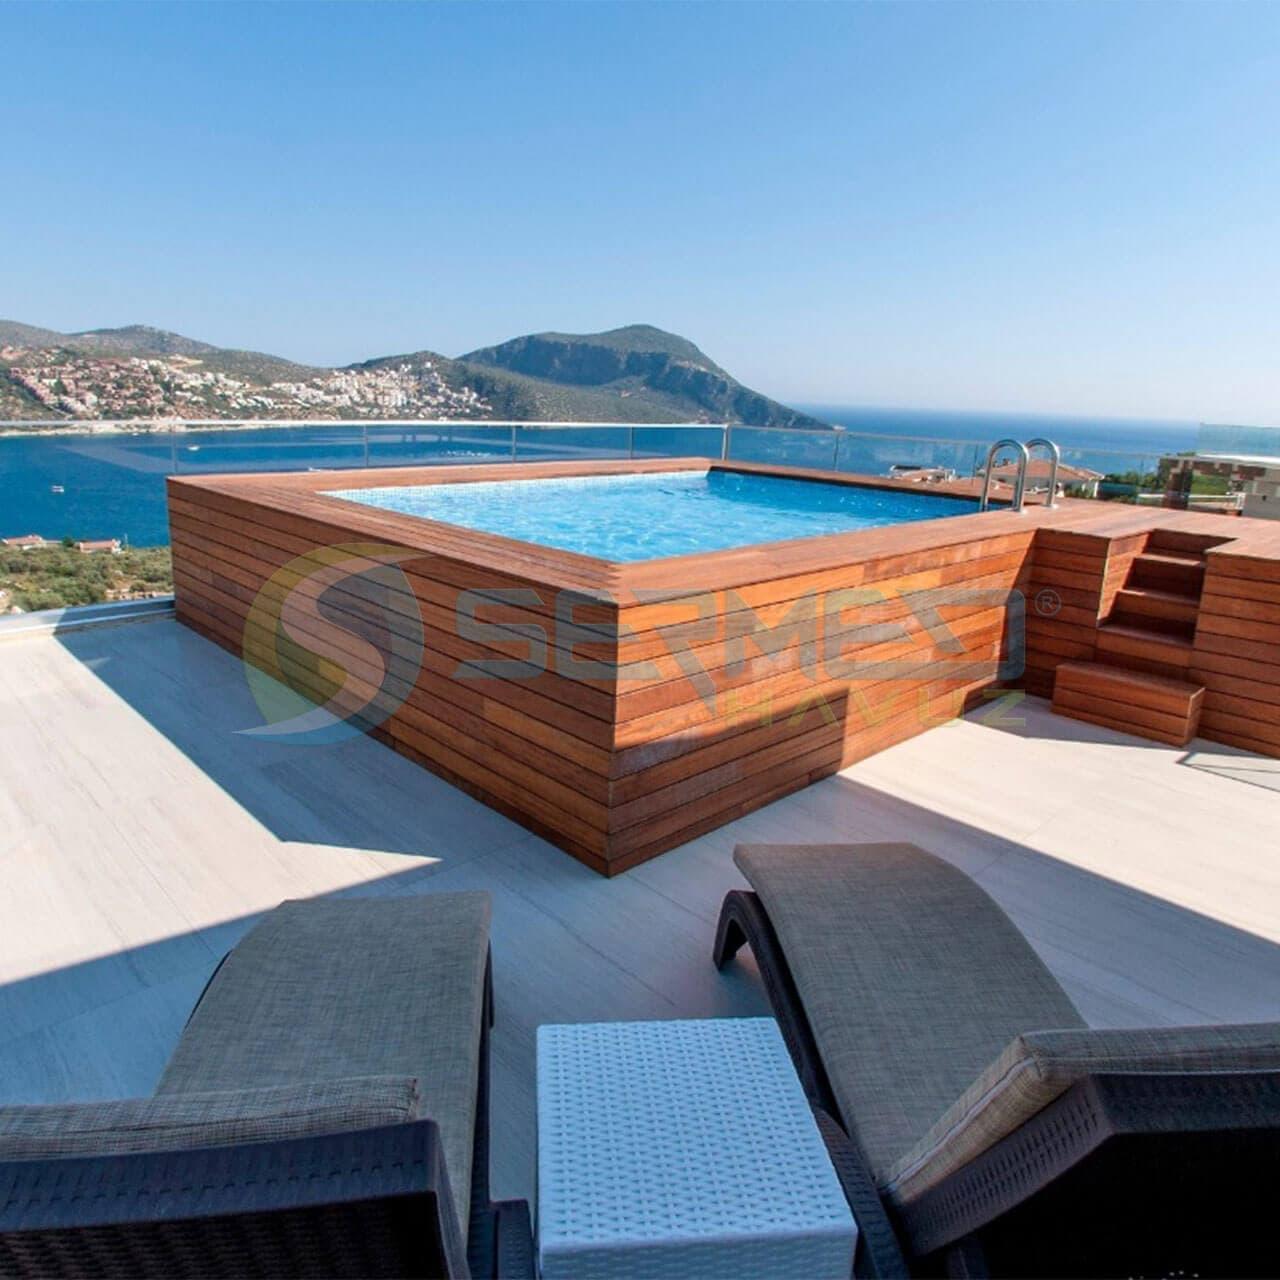 İzmir Fipool Zeminüstü Teras Panel Havuz Sermed Havuz Firması tarafından yapıldı.